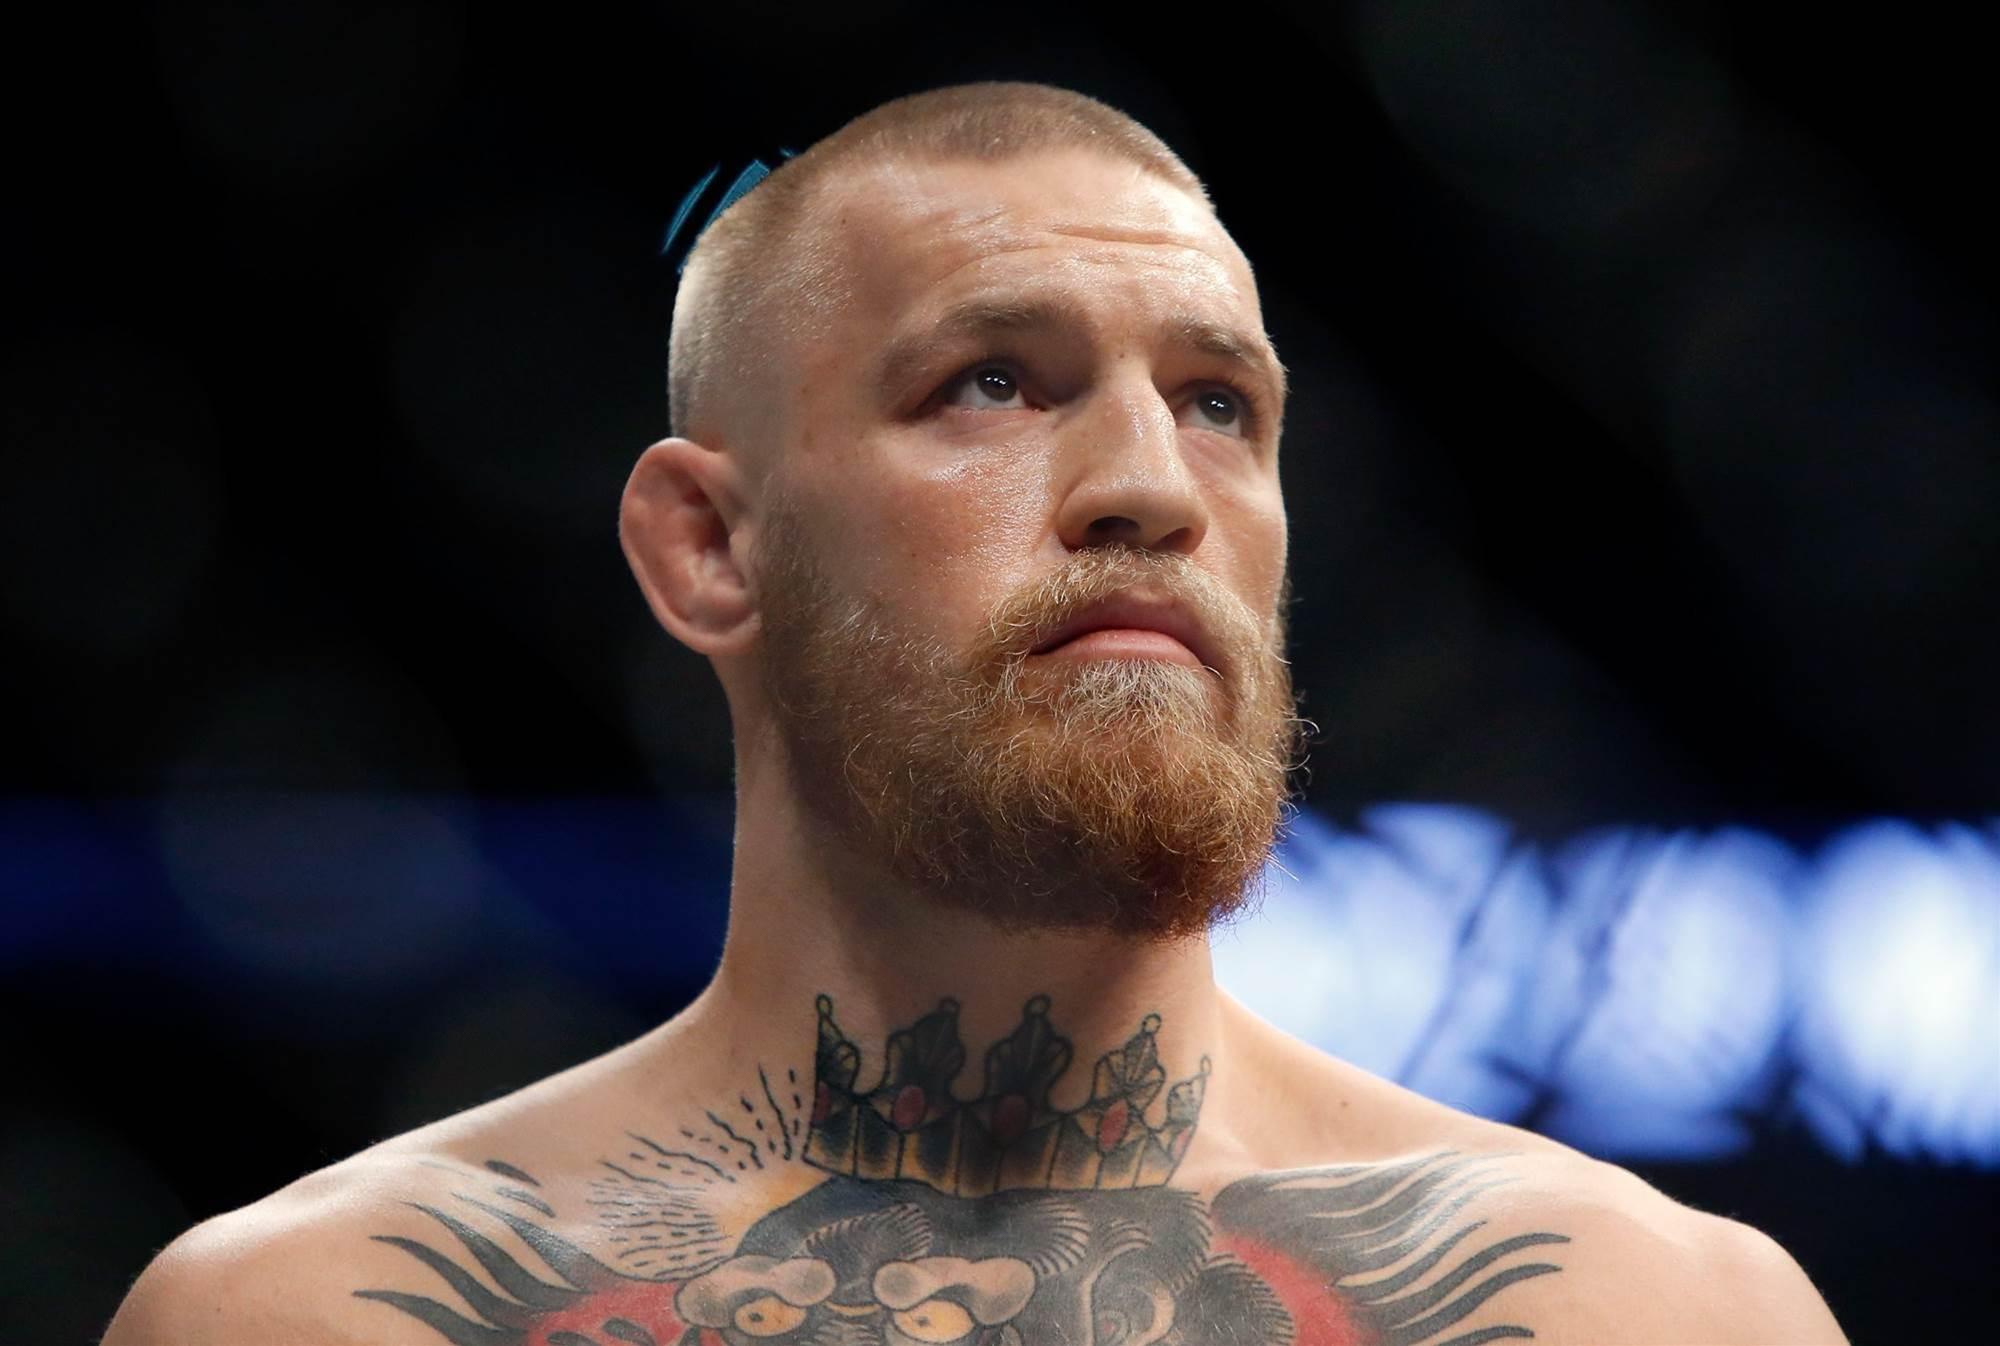 McGregor's life at risk after mobster fued